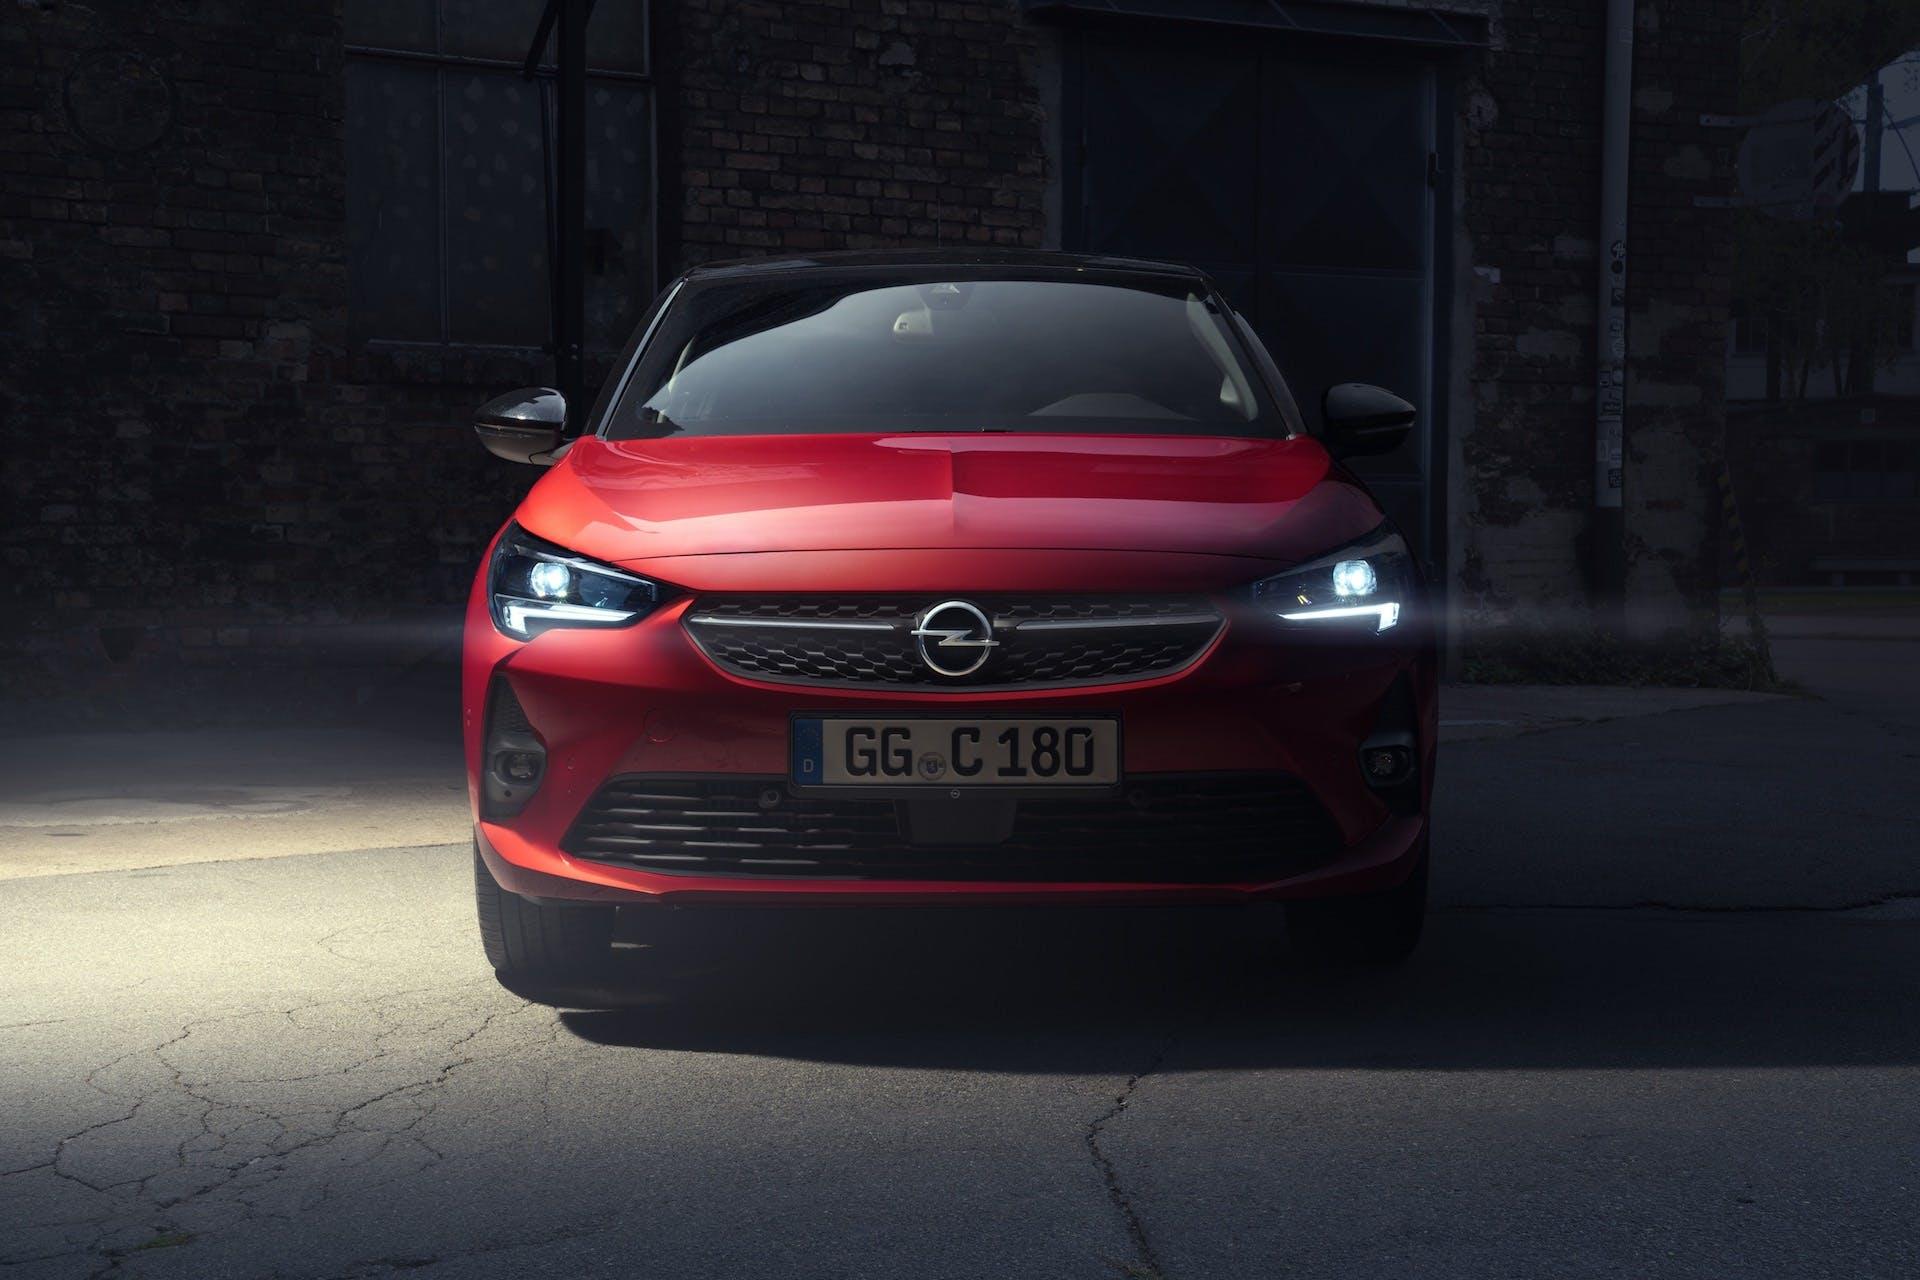 Opel-Corsa-fari-led-matrix-intellilux